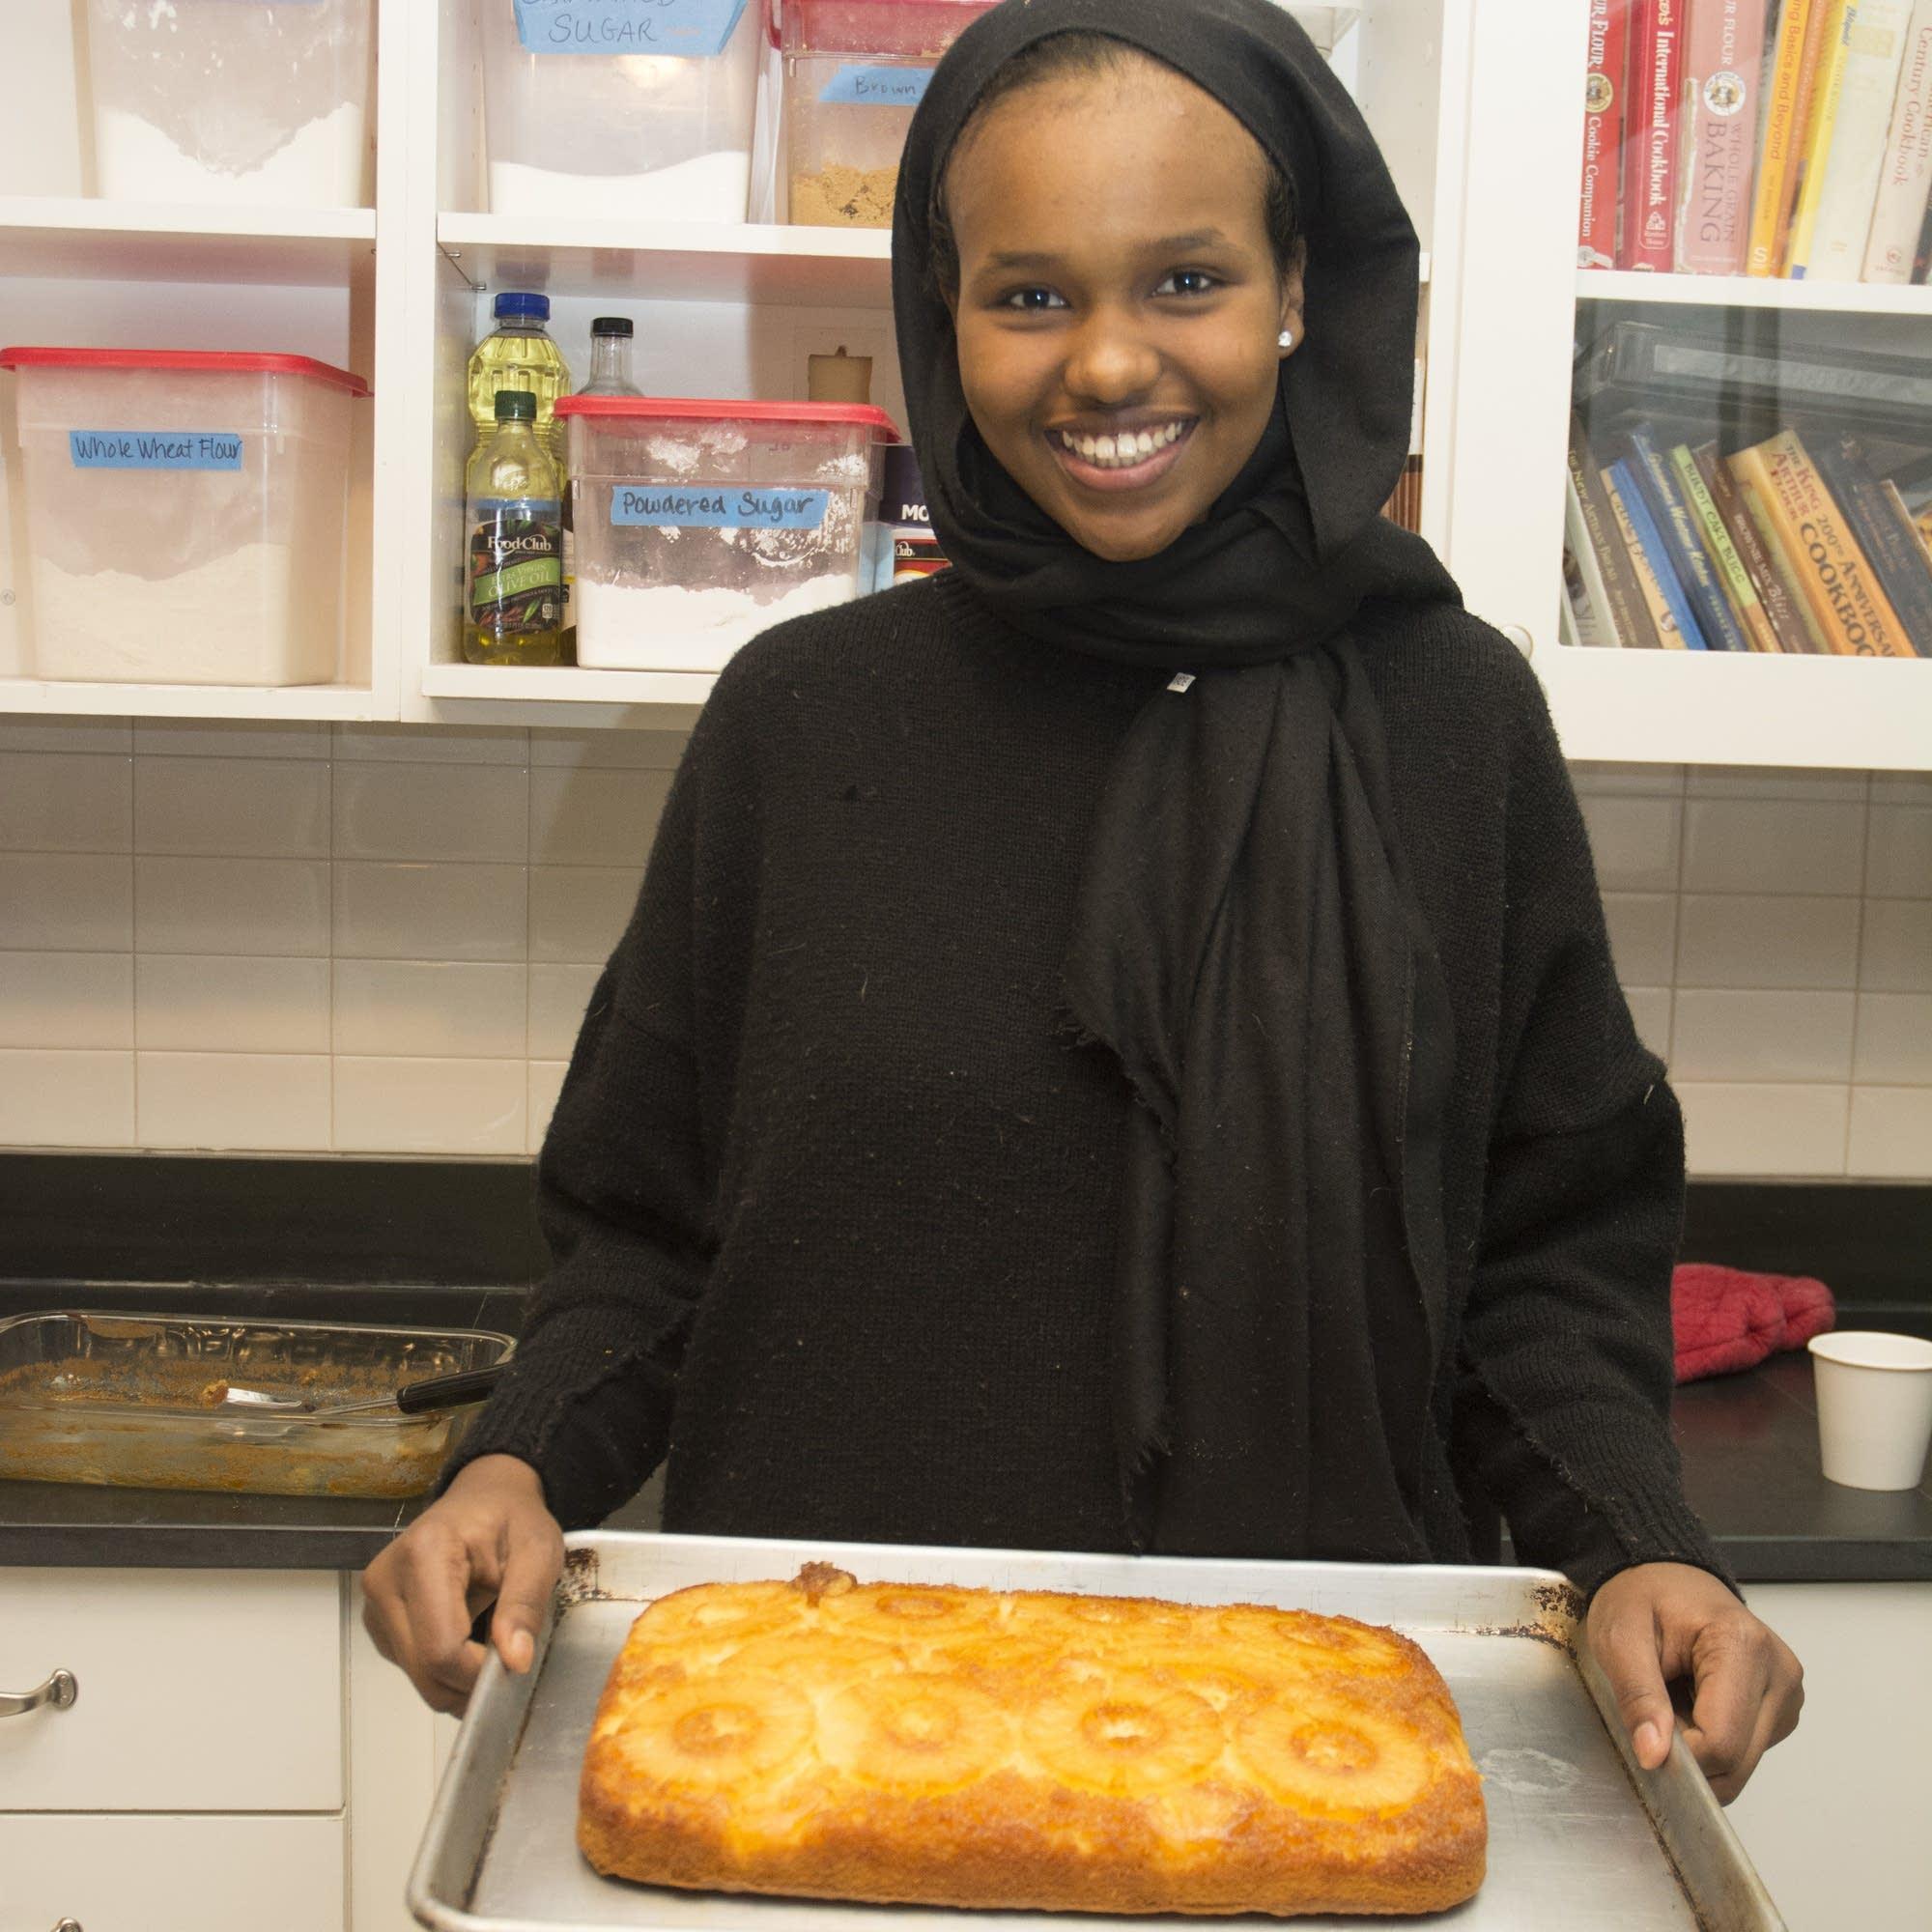 Hamdi's family made pineapple cake for Thanksgiving